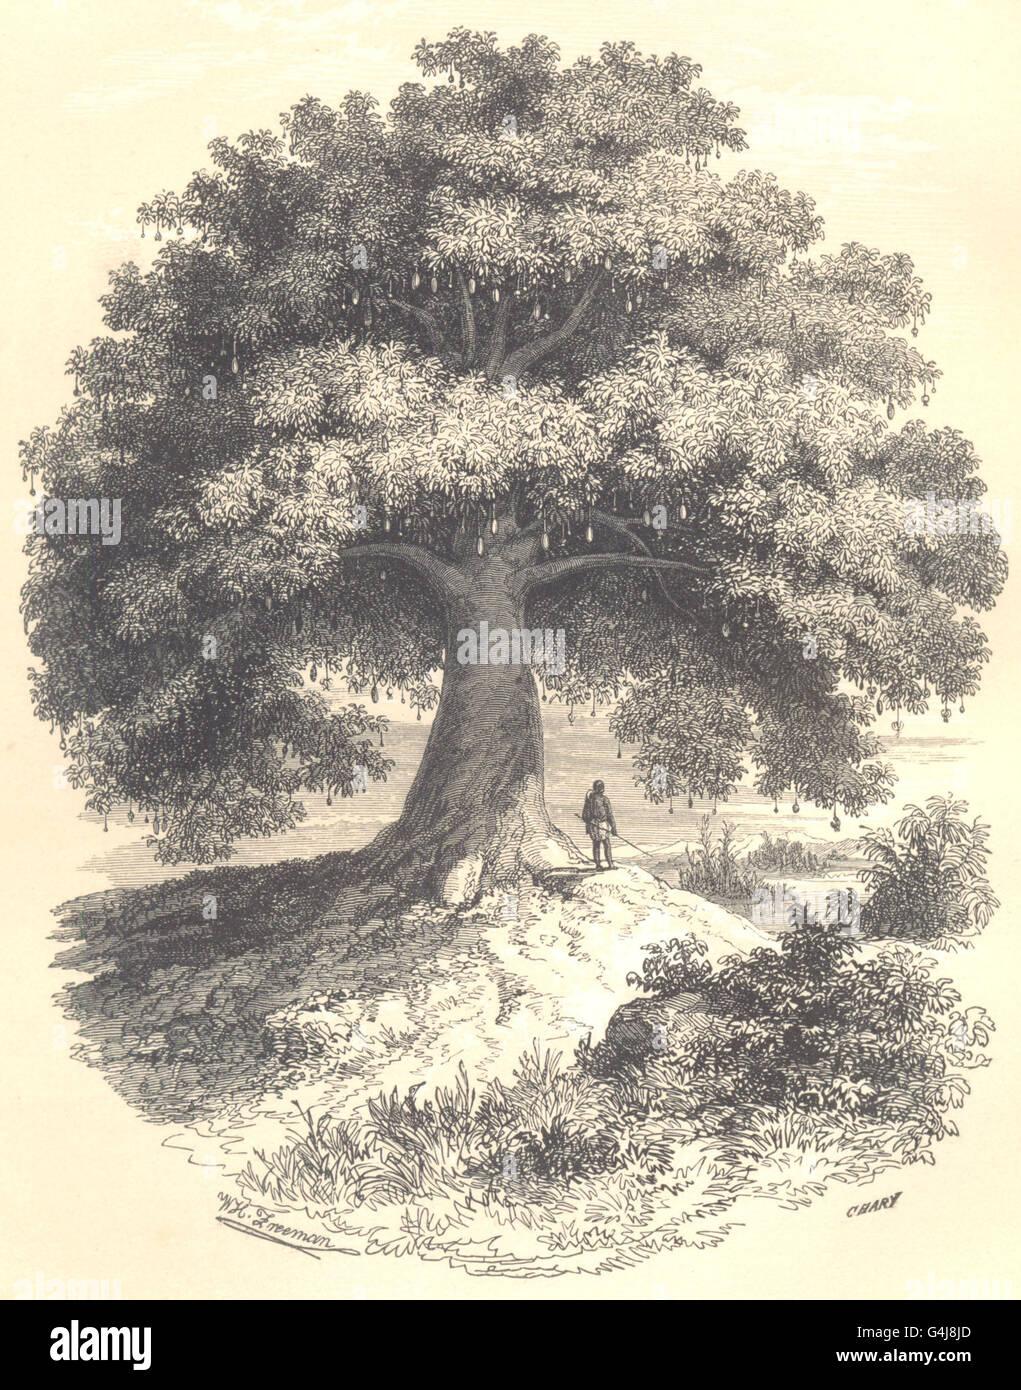 BOTANICALS: Baobab. Adansonia, antique print 1852 - Stock Image